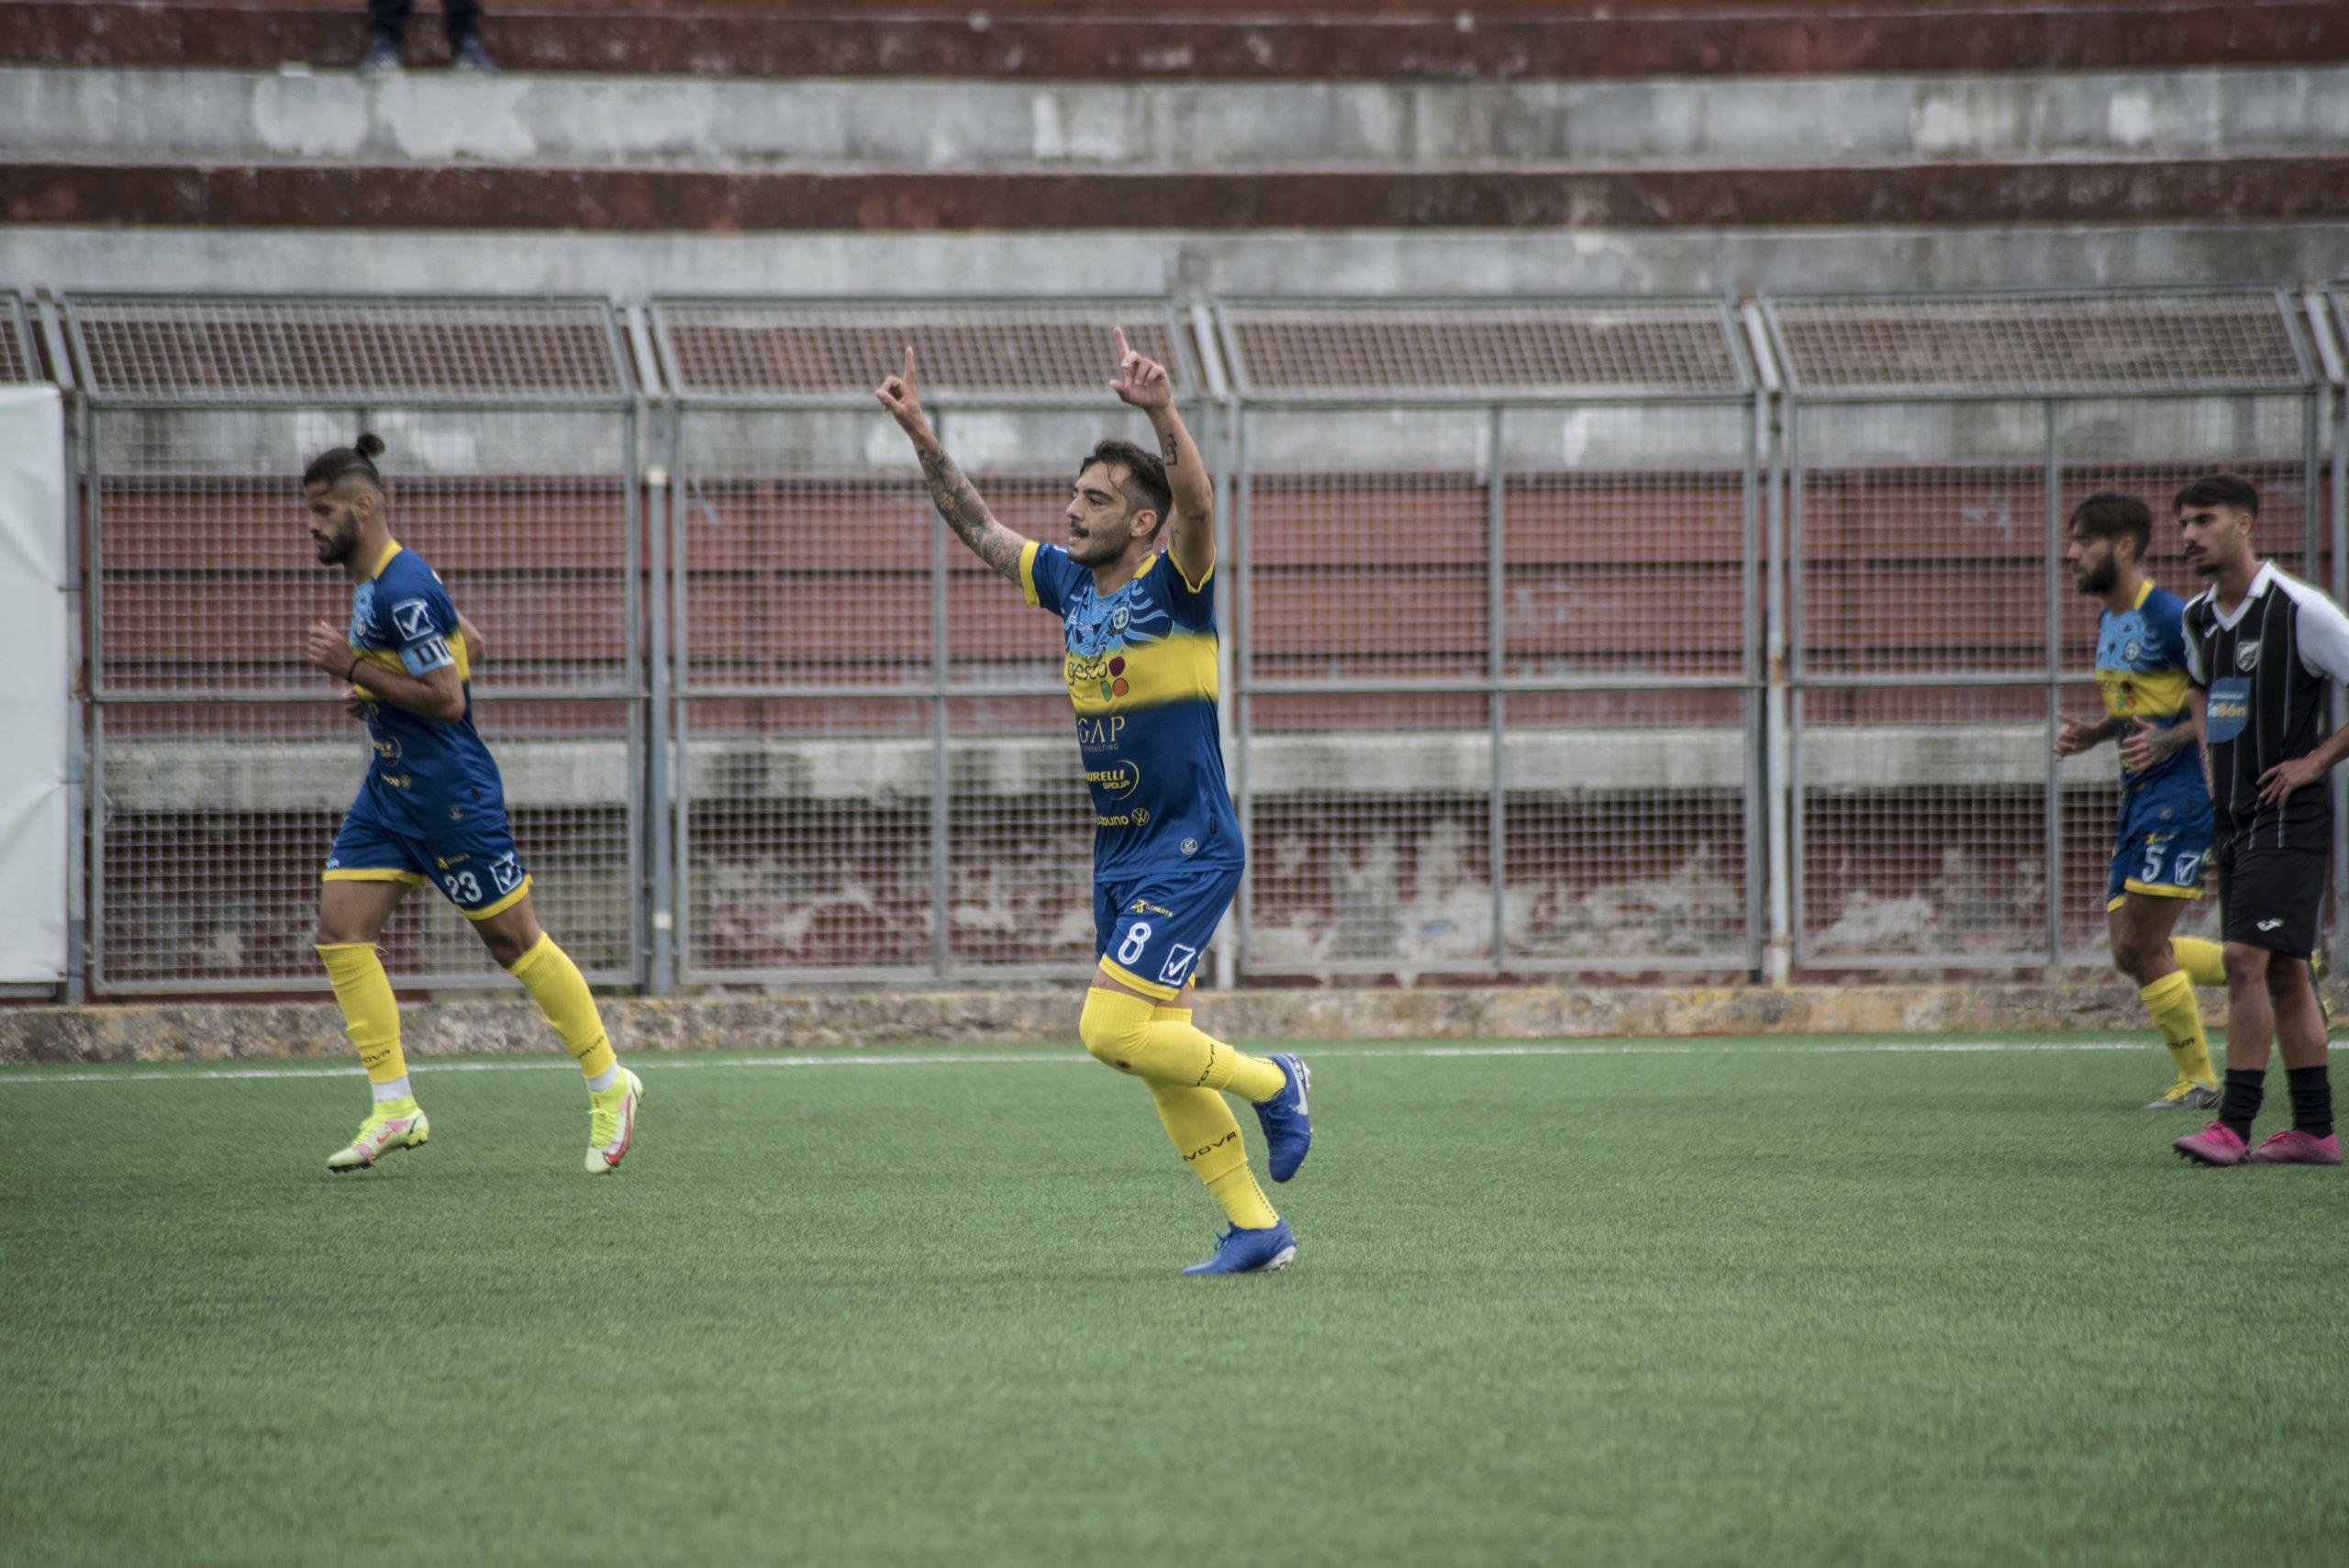 Eccellenza girone B, Napoli United fa cinquina al Barano